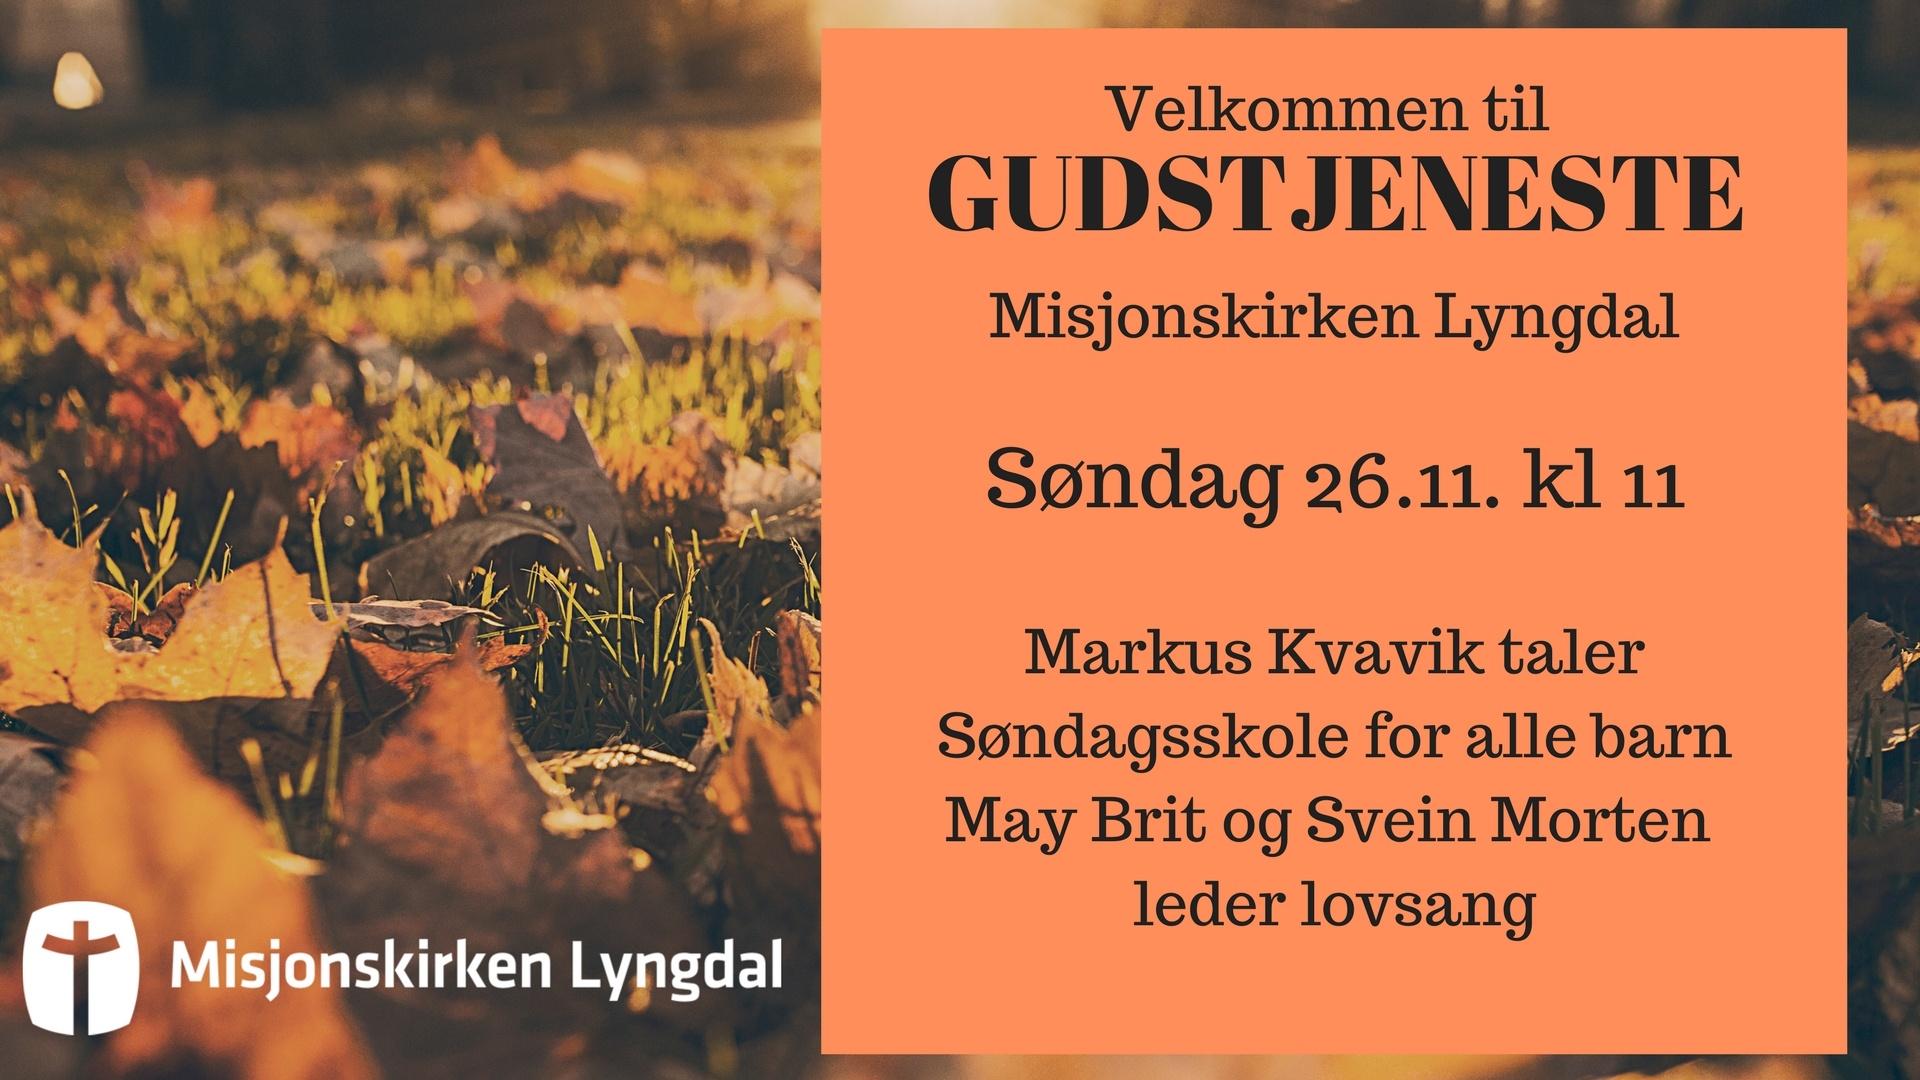 Velkommen til Gudstjeneste søndag 26/11-17